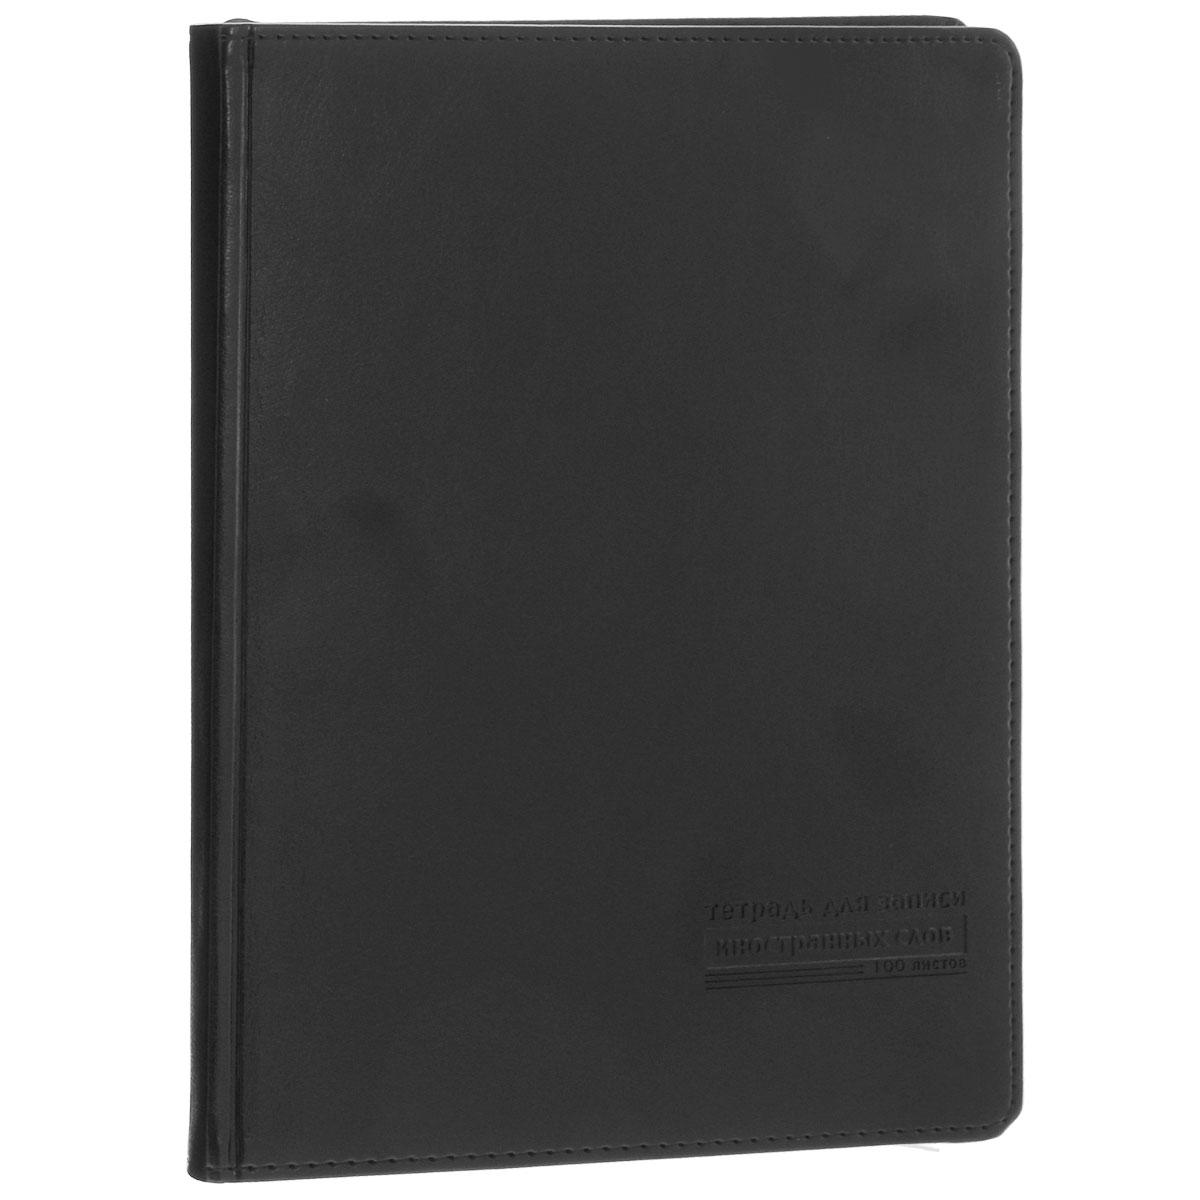 Тетрадь для записи иностранных слов Альт Sidney, 100 листов, формат А5+, цвет: черный7-100-869